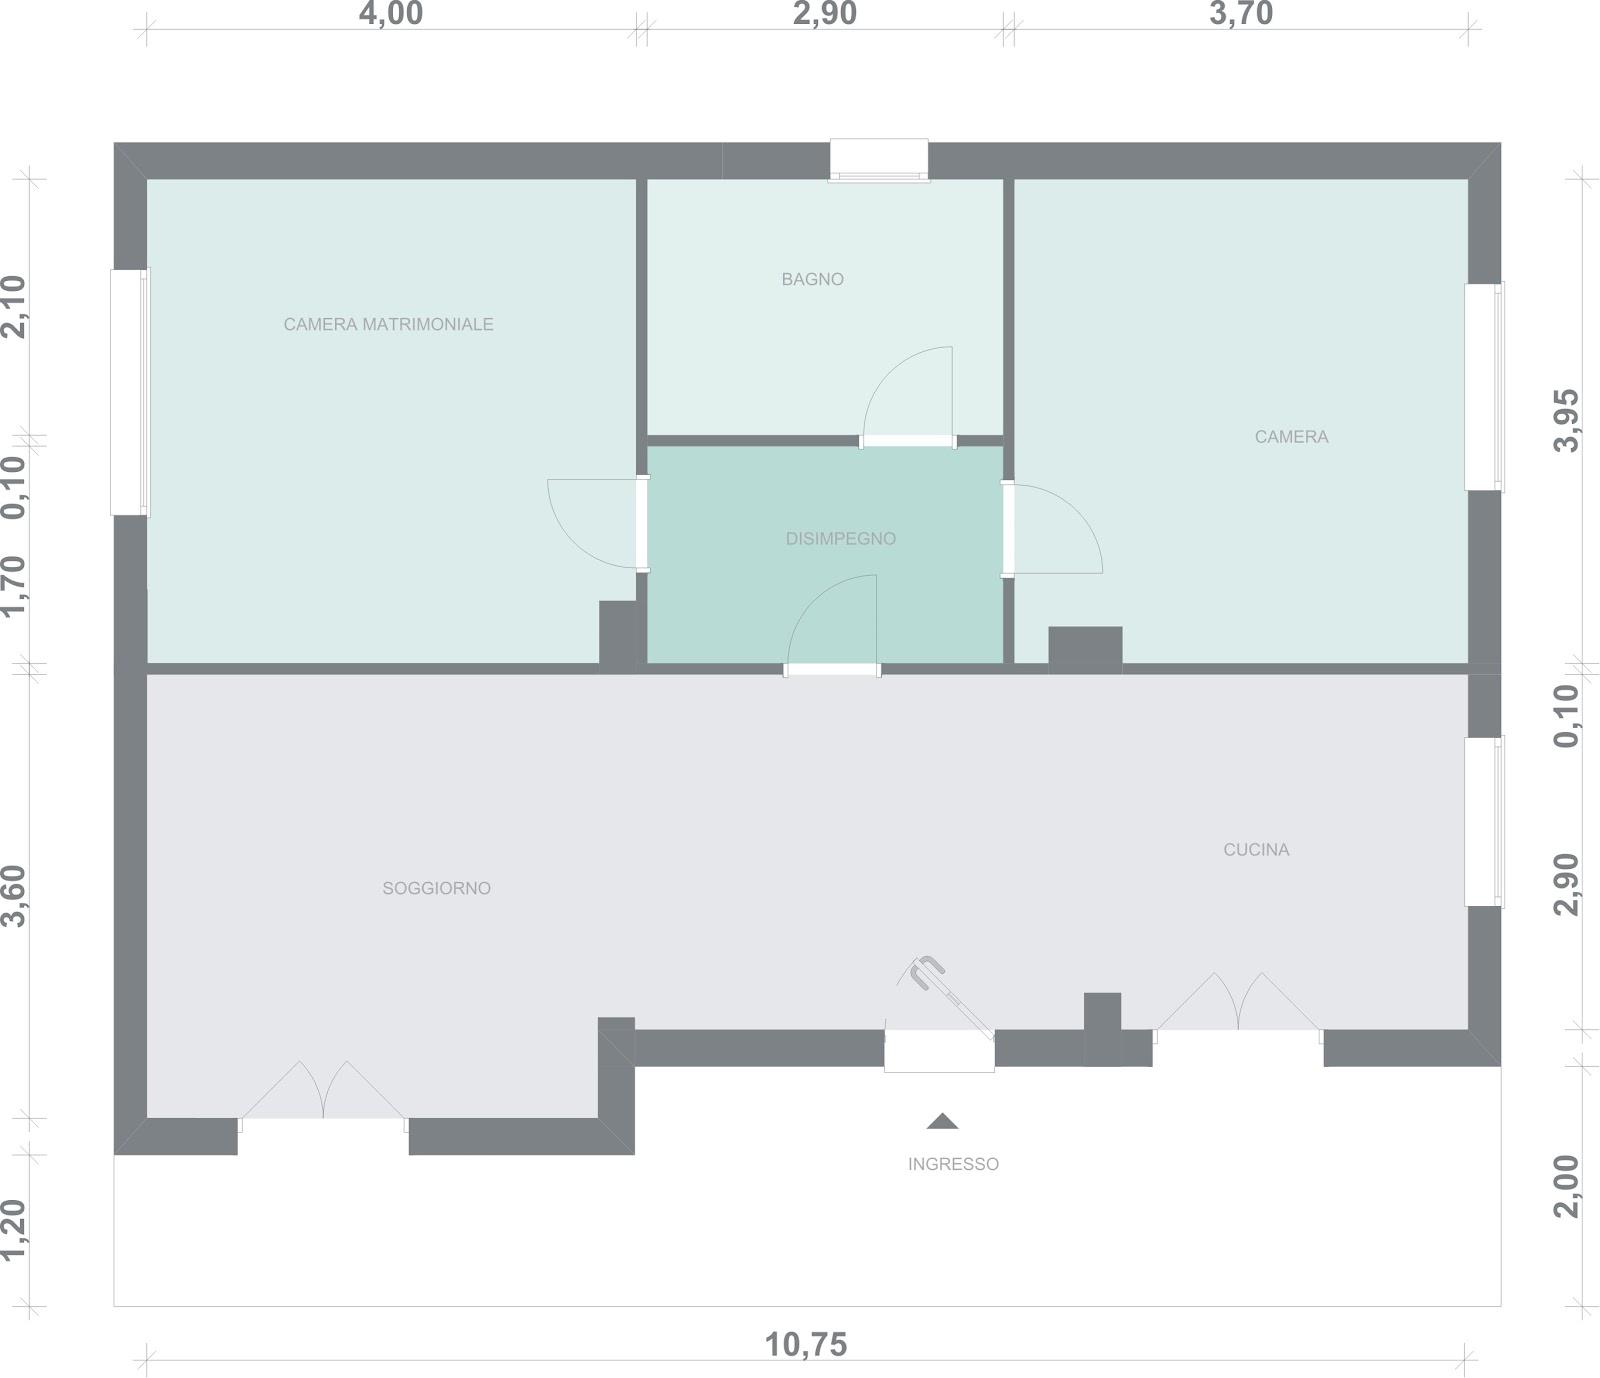 Tenere al caldo in casa 01 09 14 for Ristrutturare appartamento 75 mq